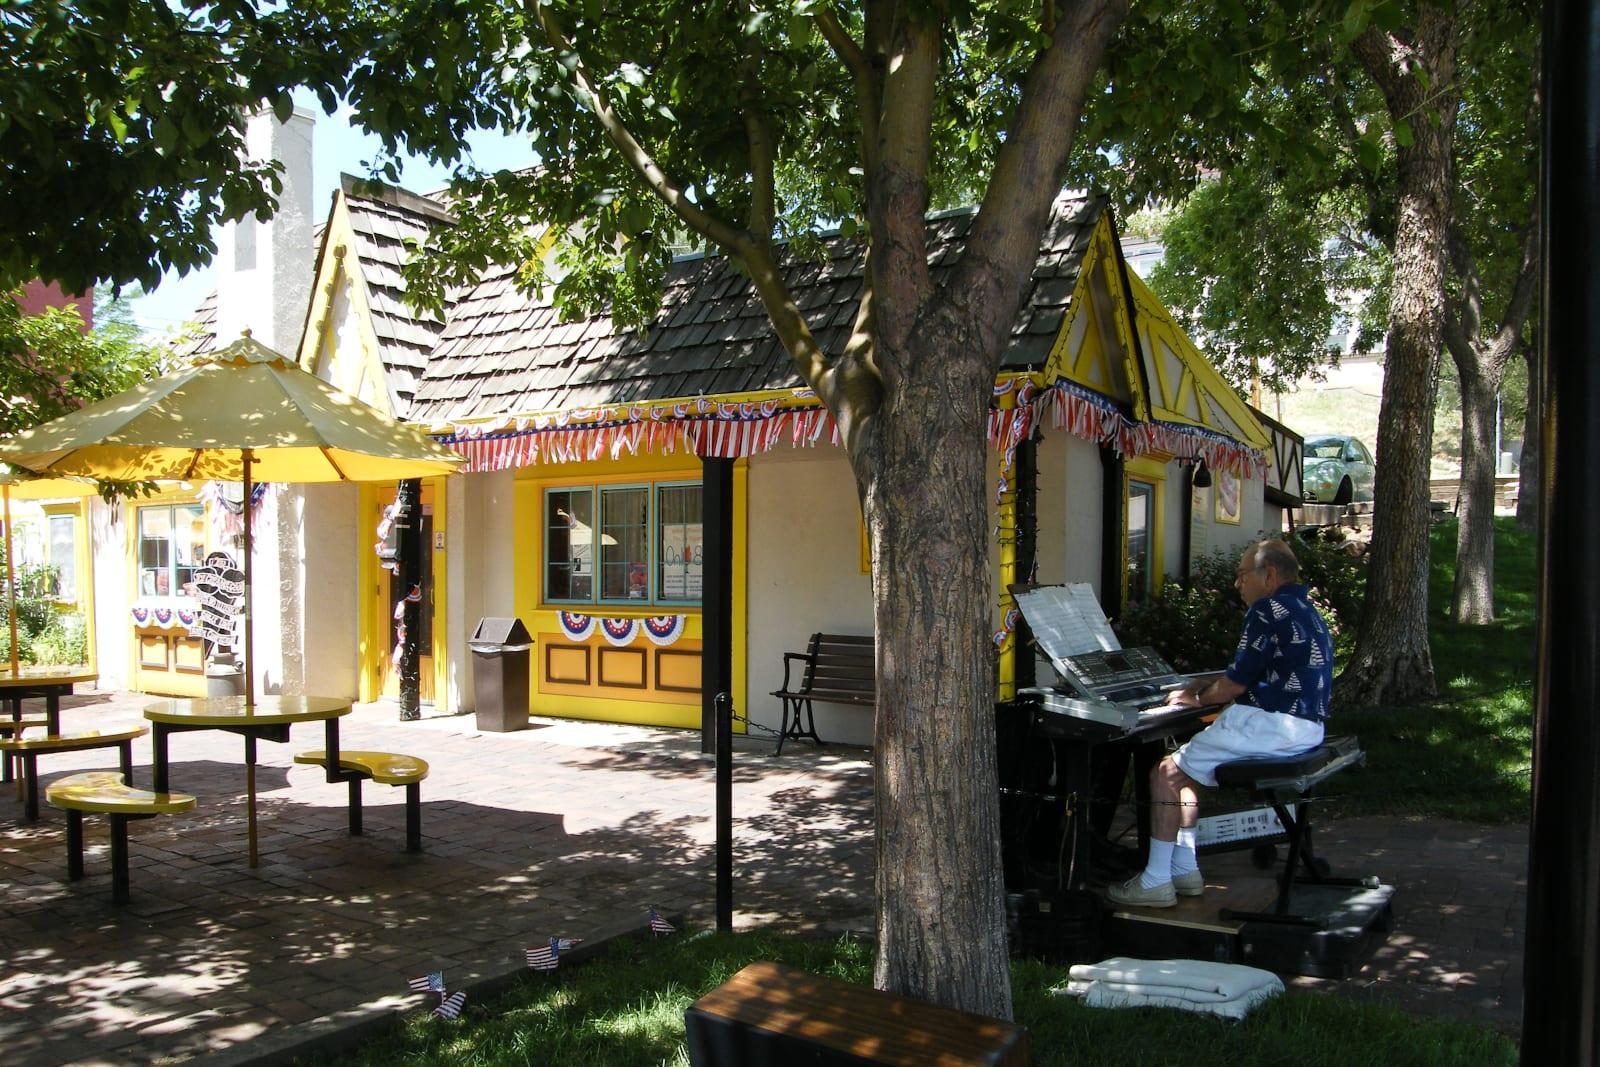 Colorado City Creamery, Old Colorado City Colorado Springs